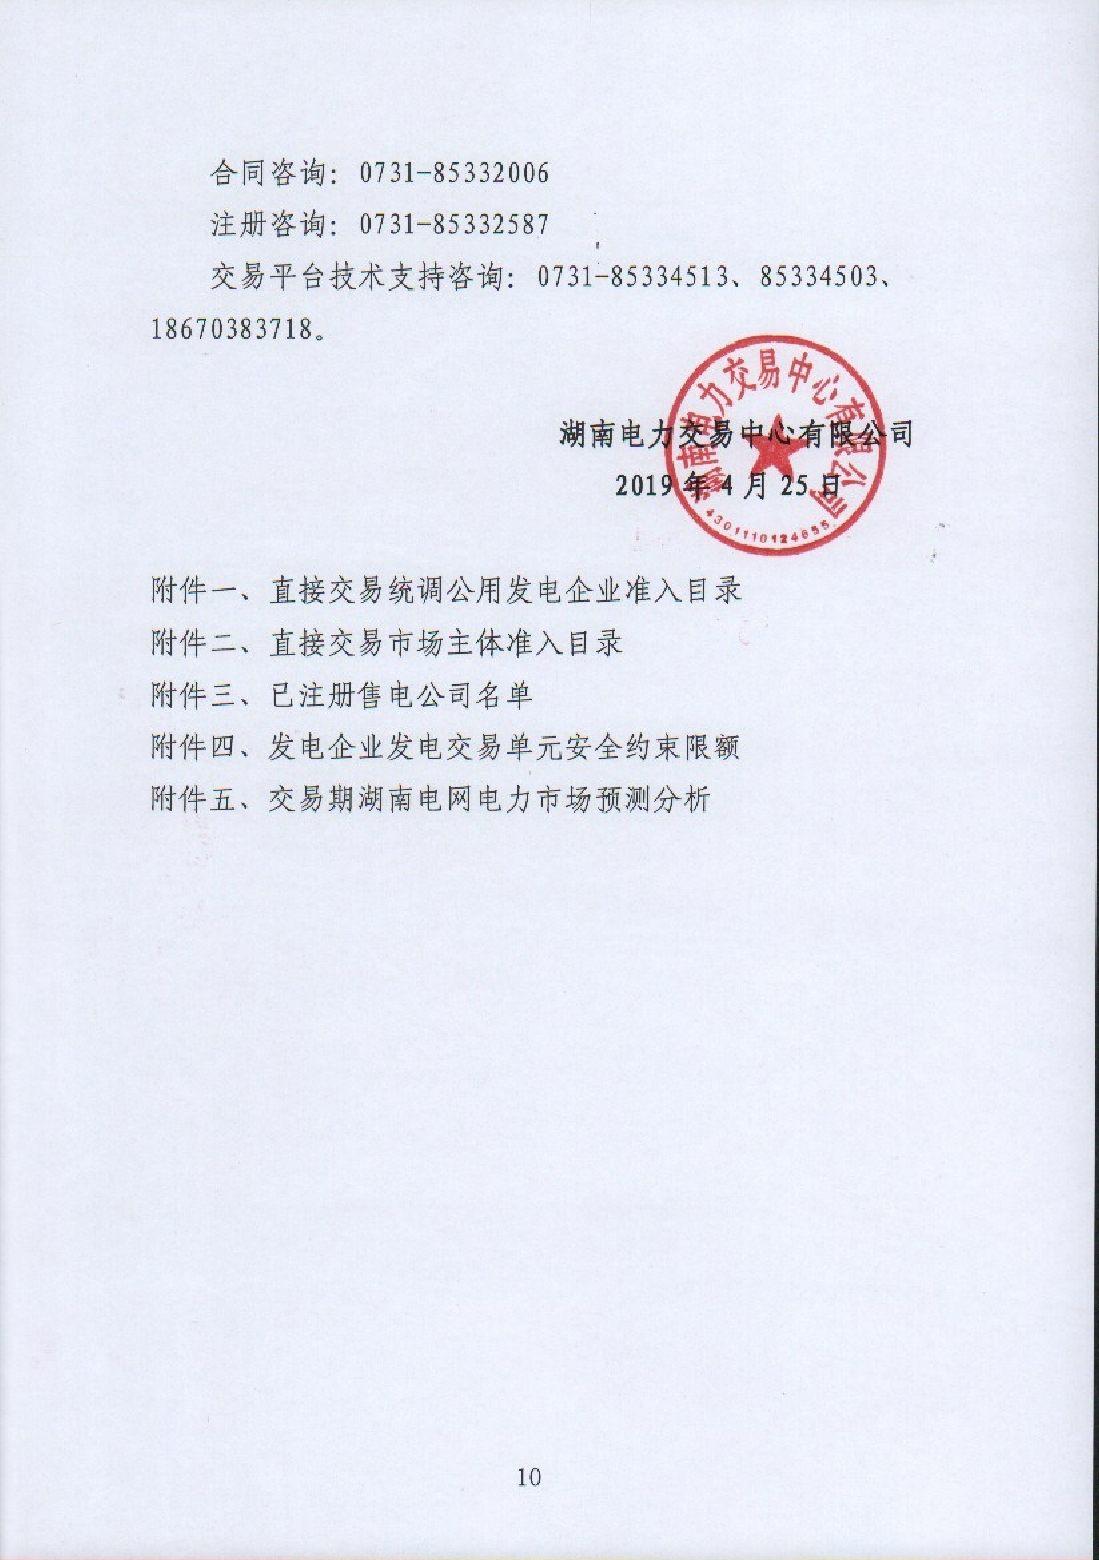 2019年第6號交易公告(5月月度交易).pdf_page_10_compressed.jpg